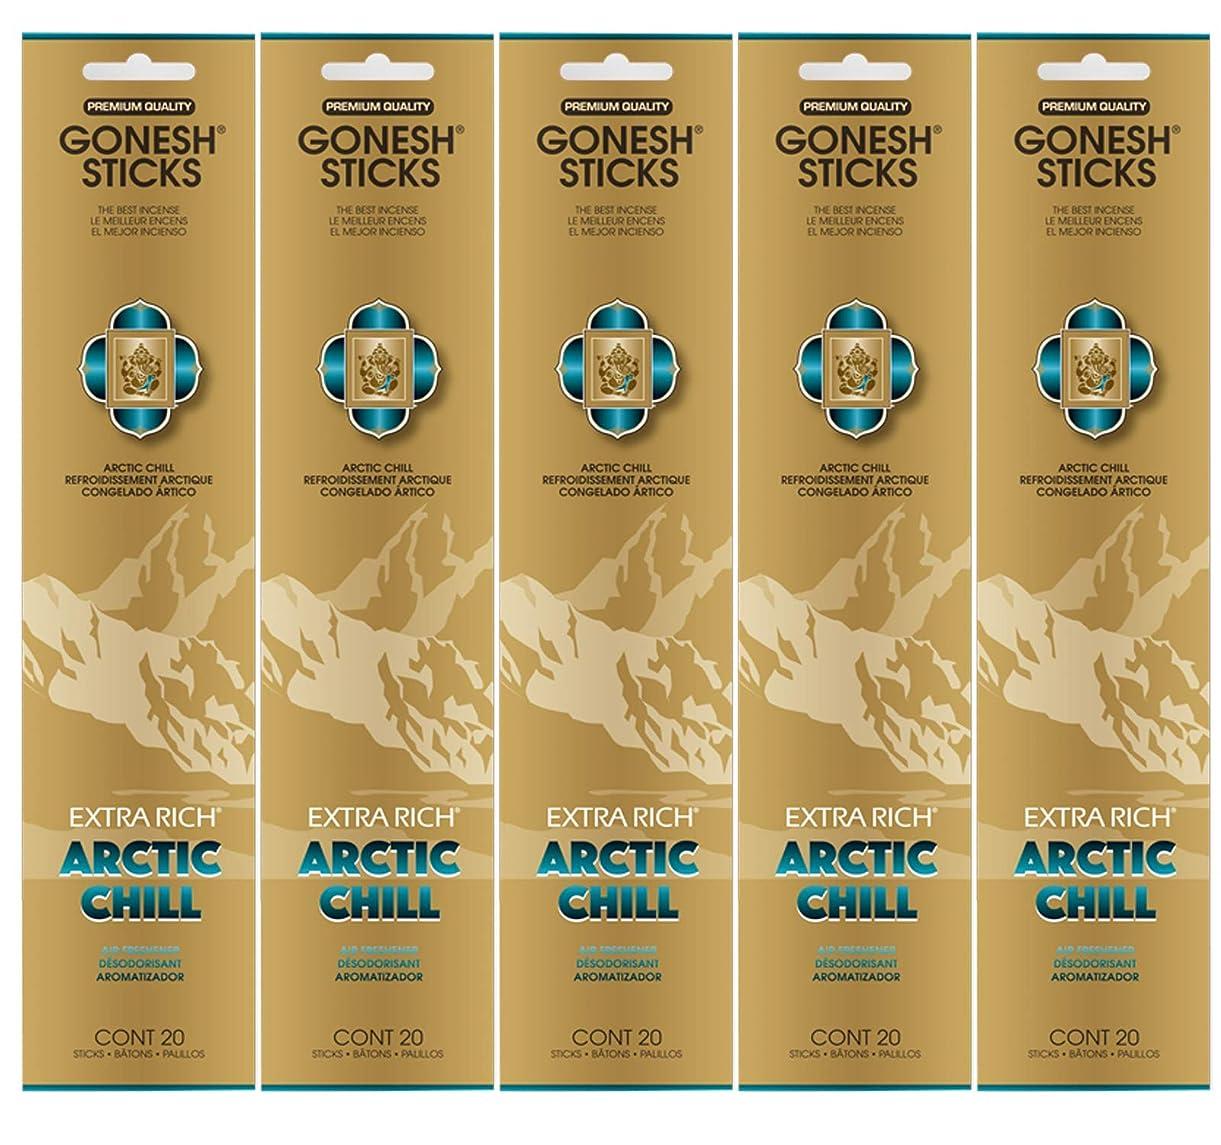 くさび懸念一方、Gonesh お香スティック エクストラリッチコレクション - Arctic Chill 5パック (合計100本)